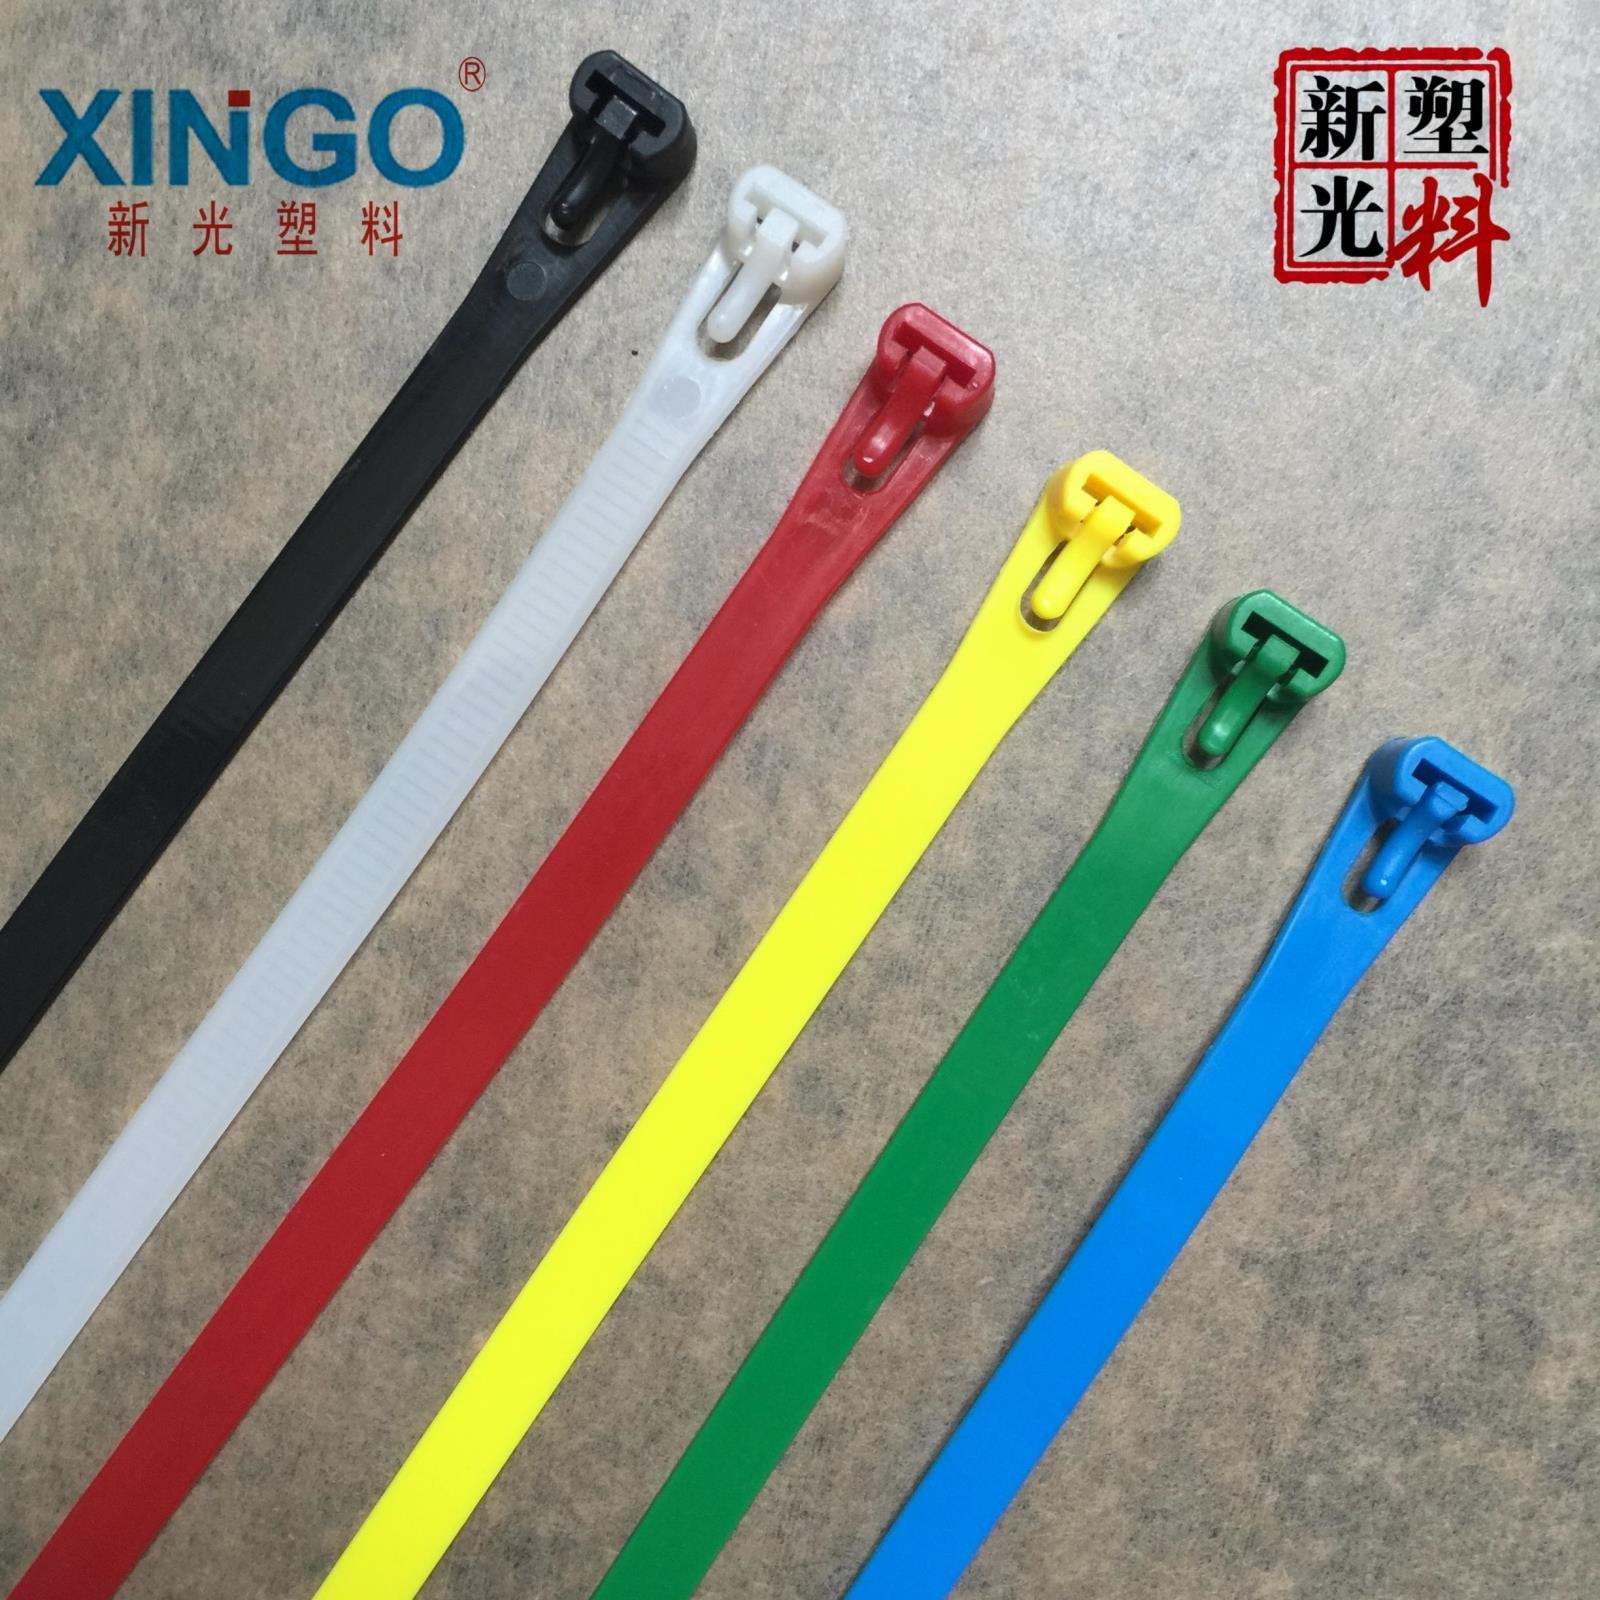 新光尼龙扎带可松式拆卸8x450长45cm足100条活扣扎带重复使用彩色